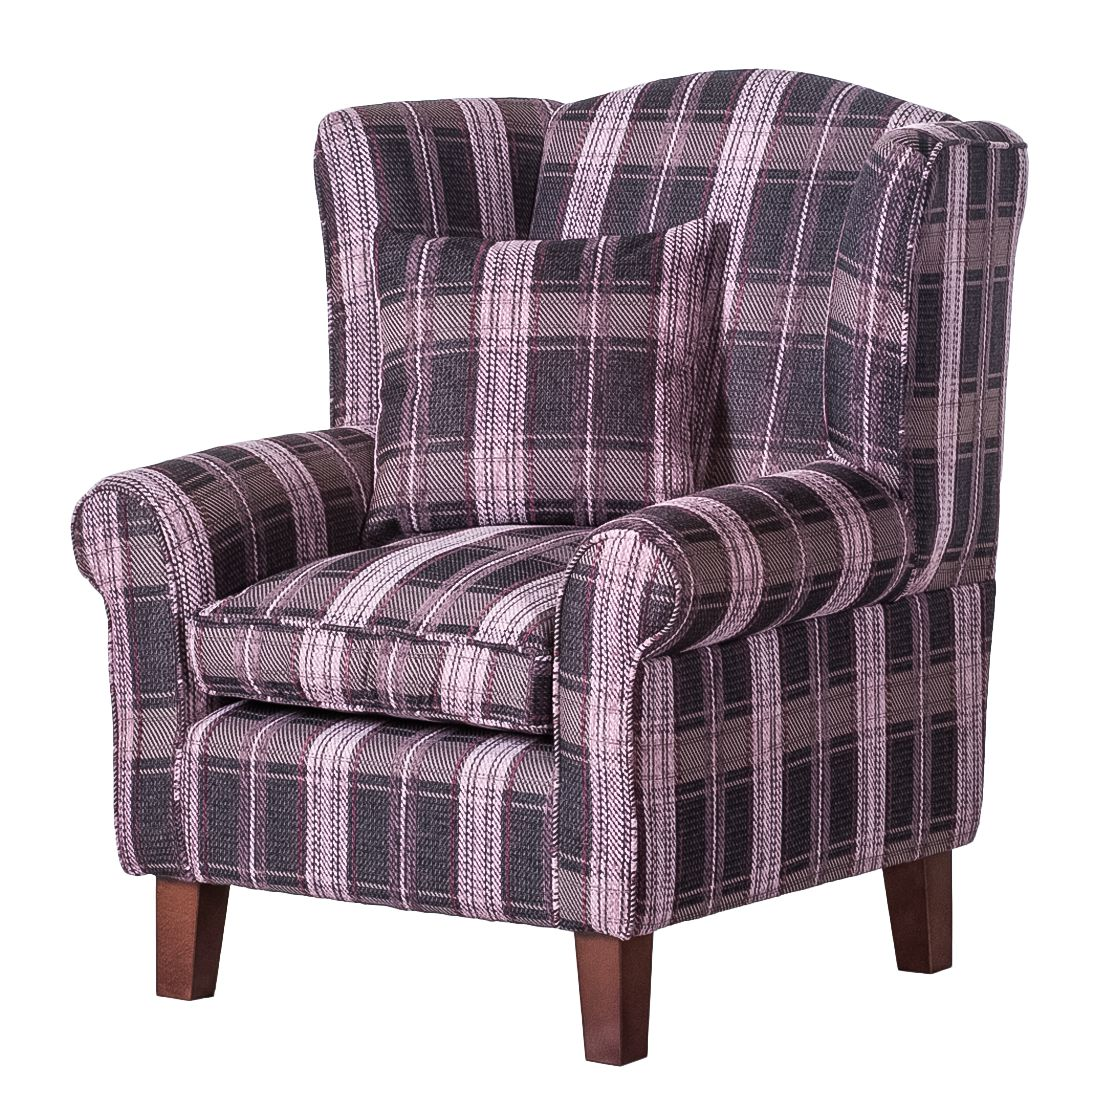 sessel colmar webstoff lila karomuster ohne hocker jack alice g nstig kaufen. Black Bedroom Furniture Sets. Home Design Ideas